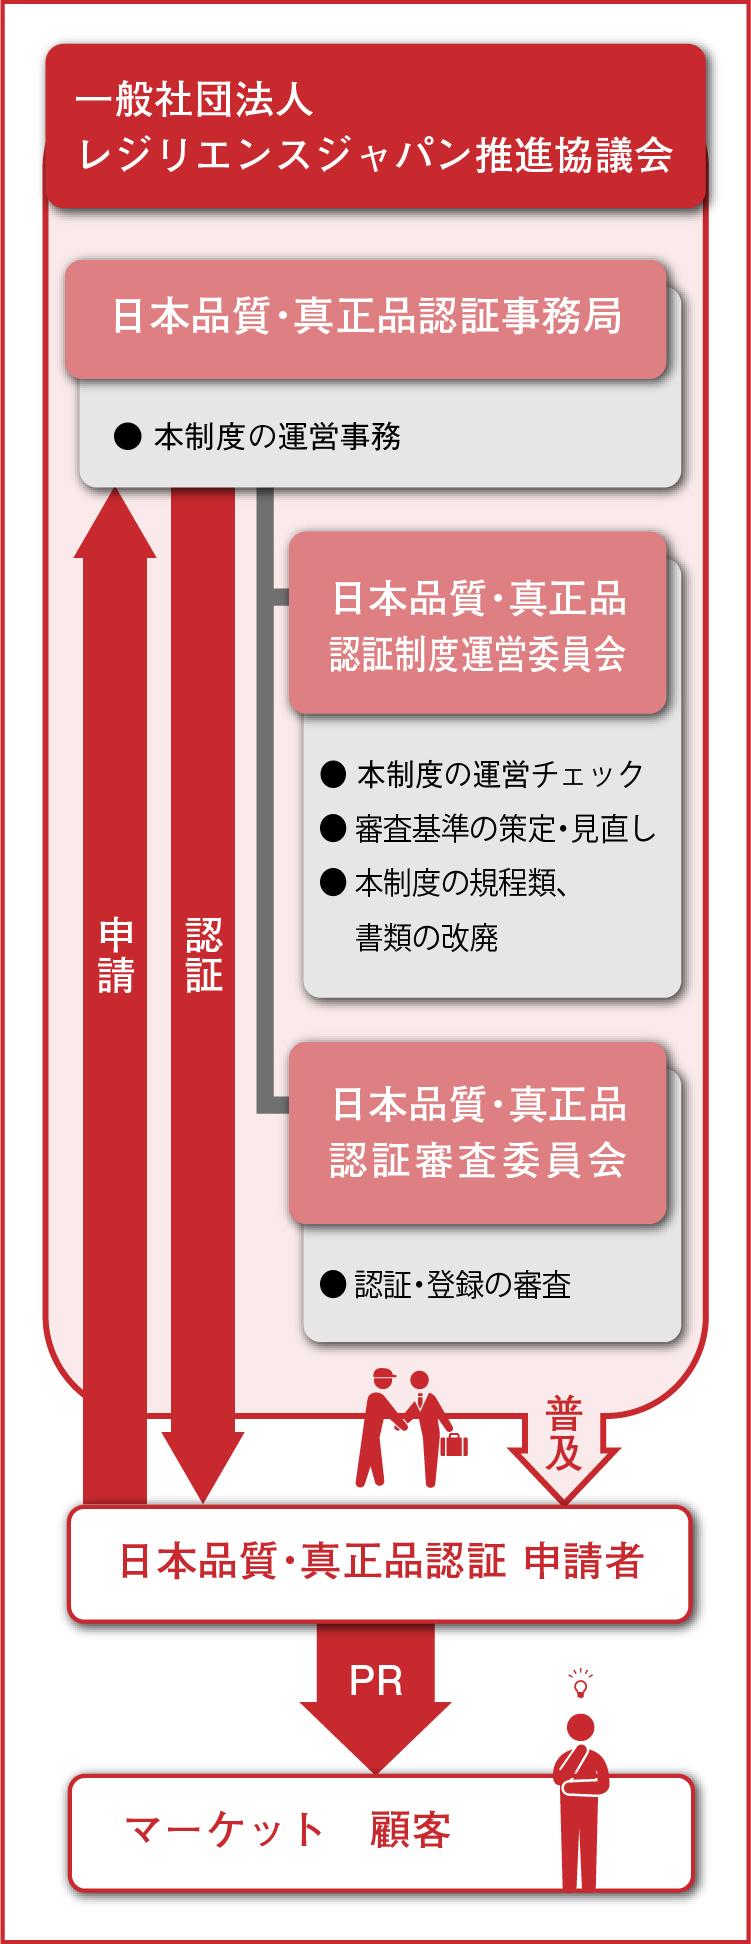 認証制度の仕組みイメージ図sp